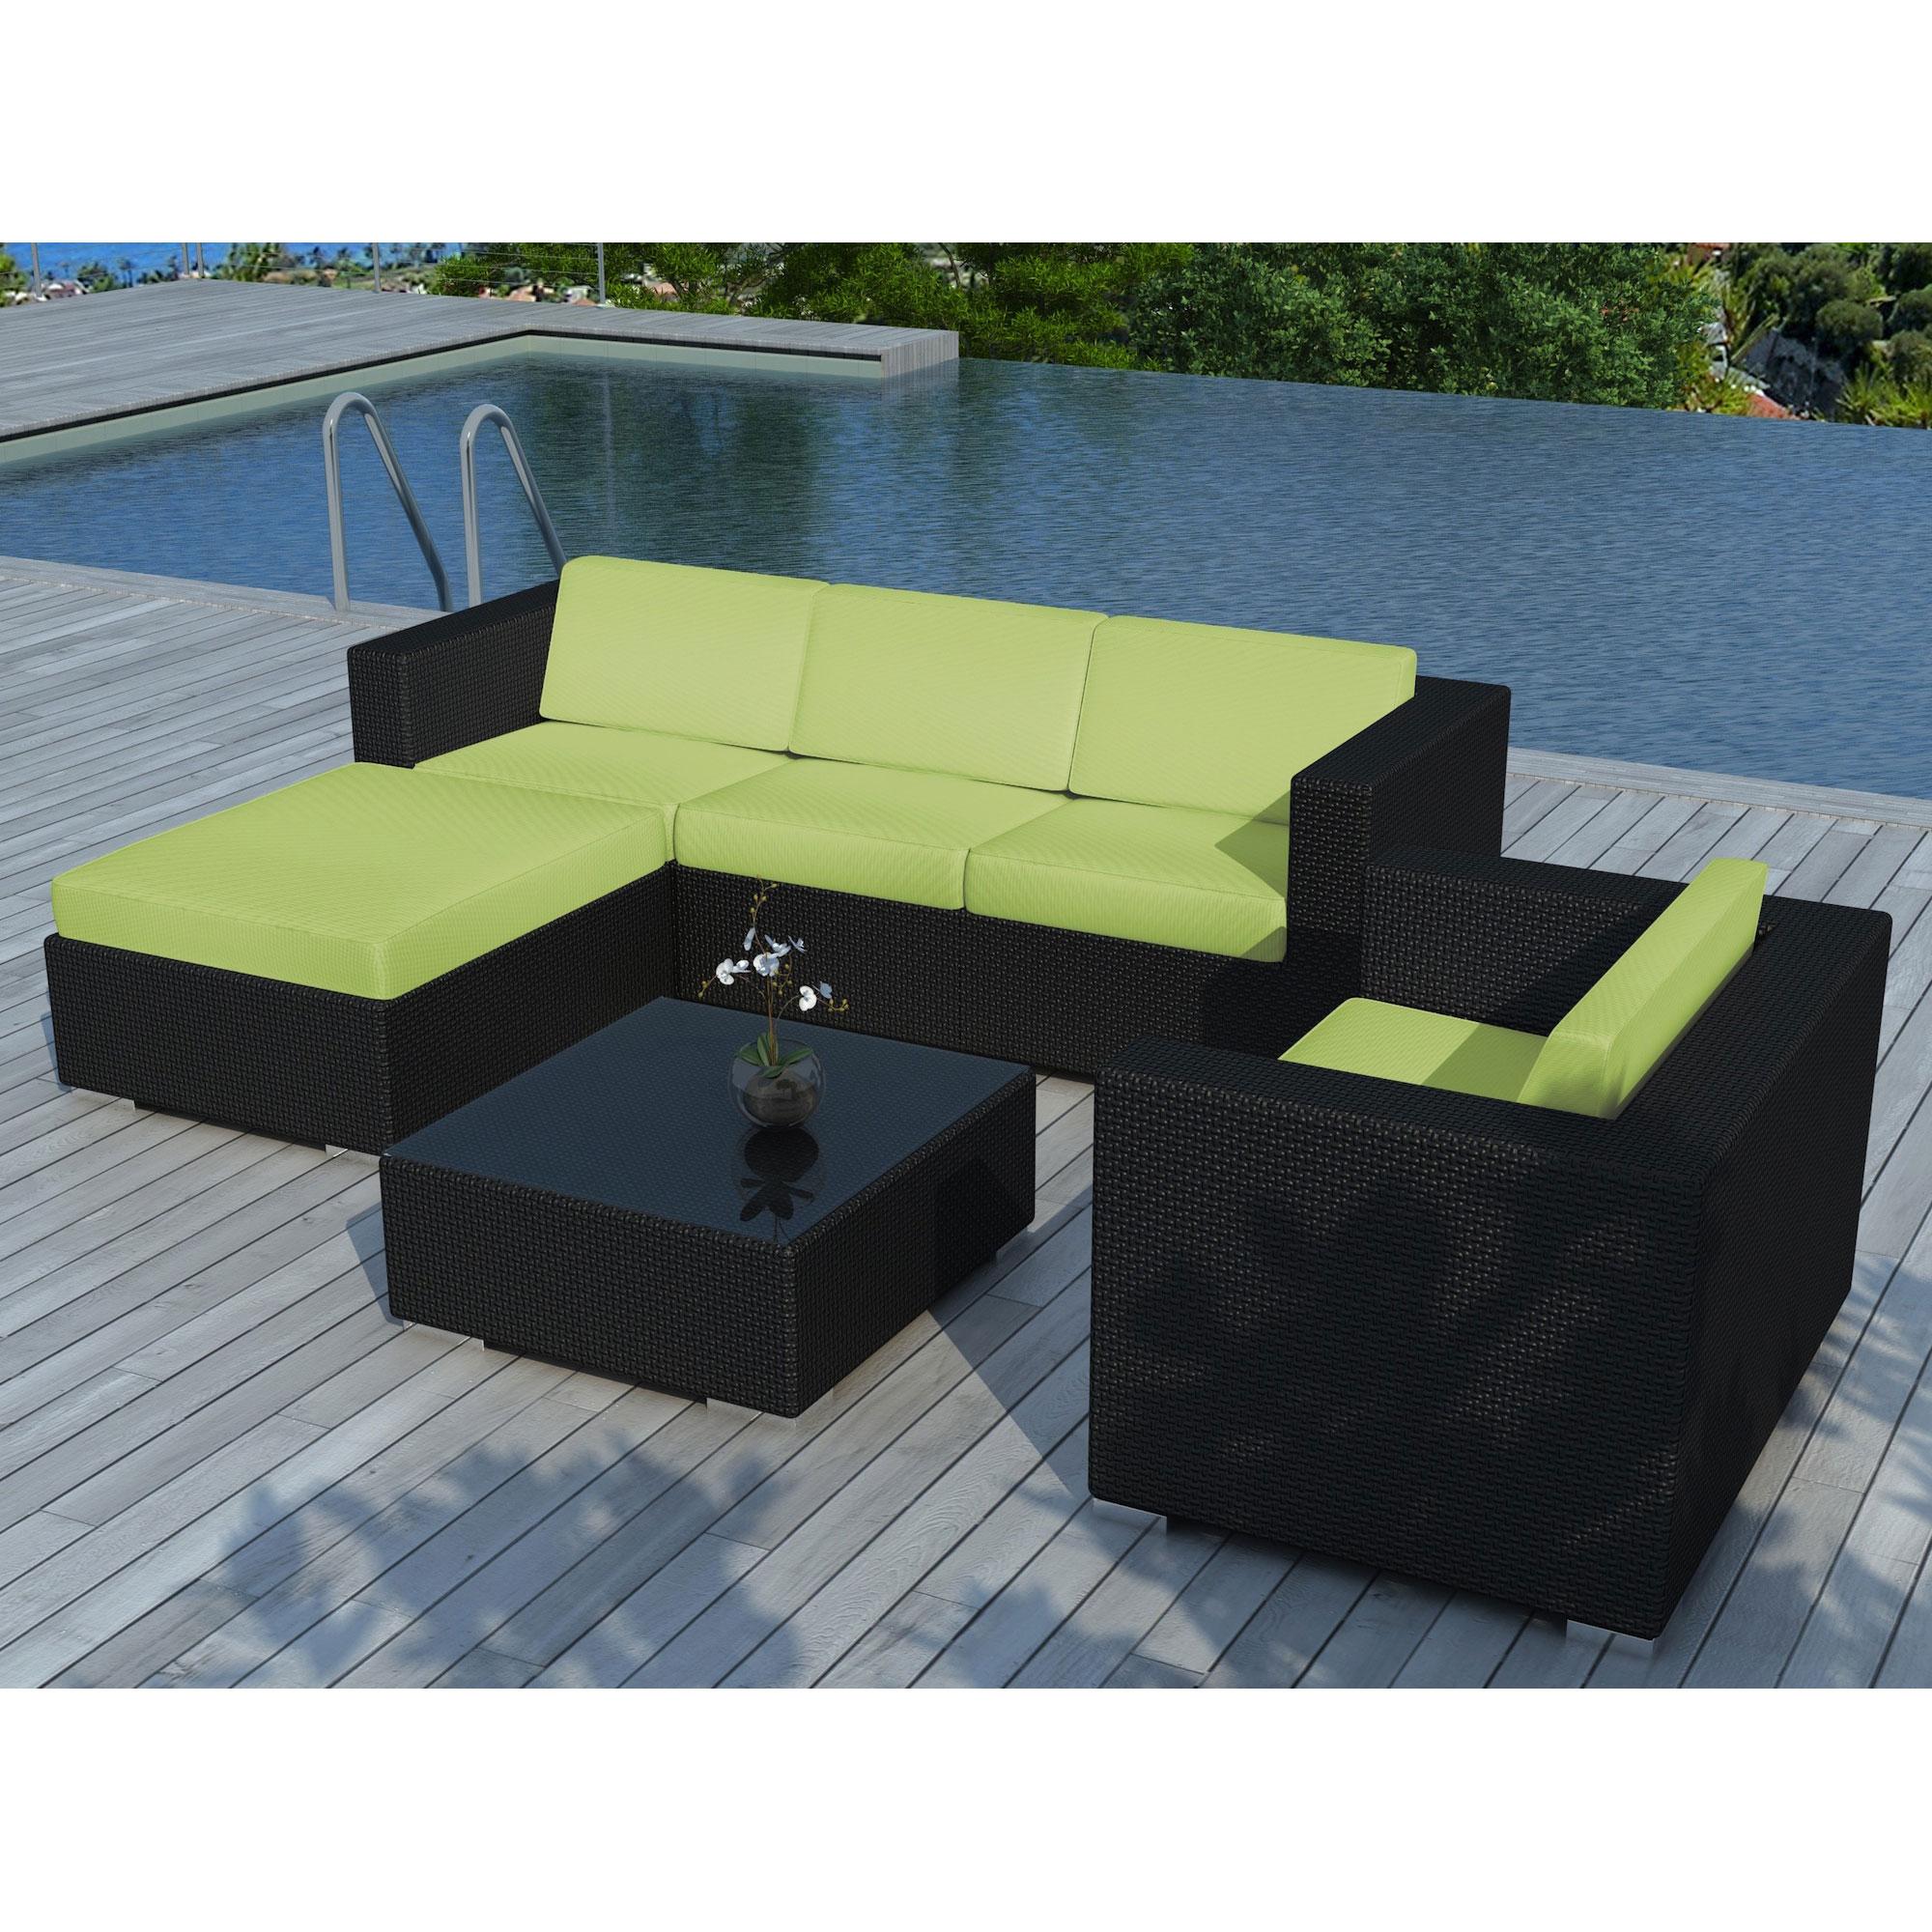 Table basse salon de jardin en resine - Mailleraye.fr jardin